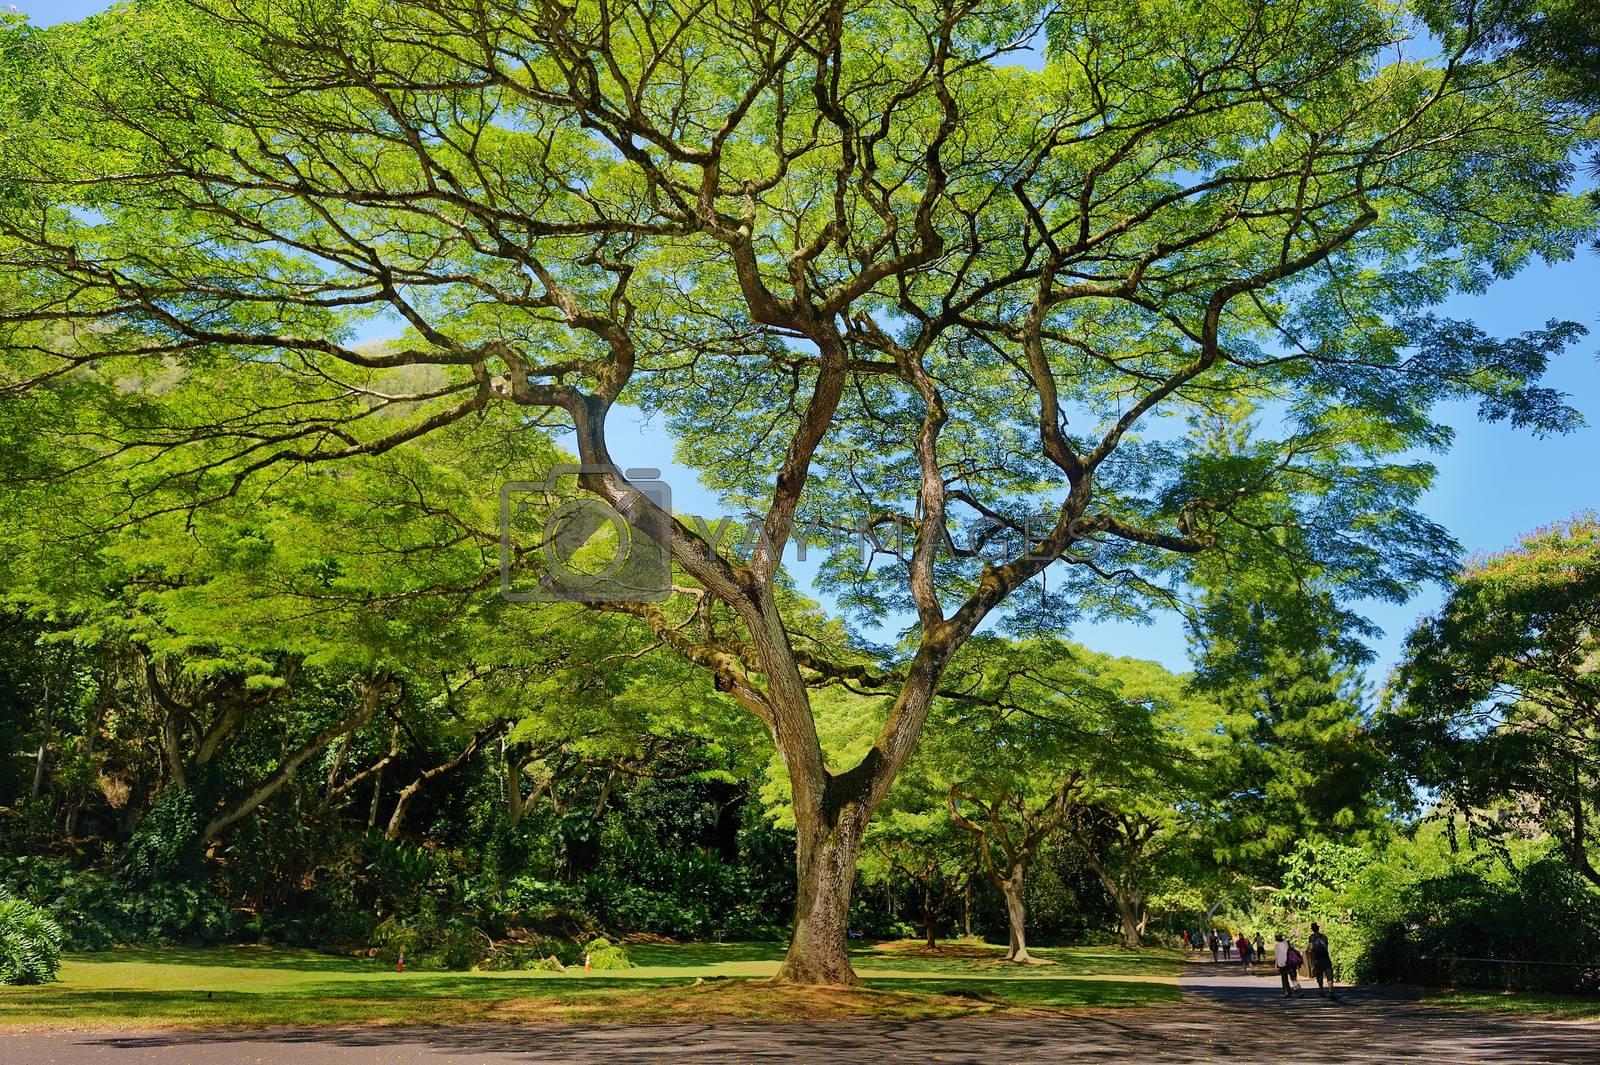 Beautiful tropical tree in Waimea Valley park on Oahu island